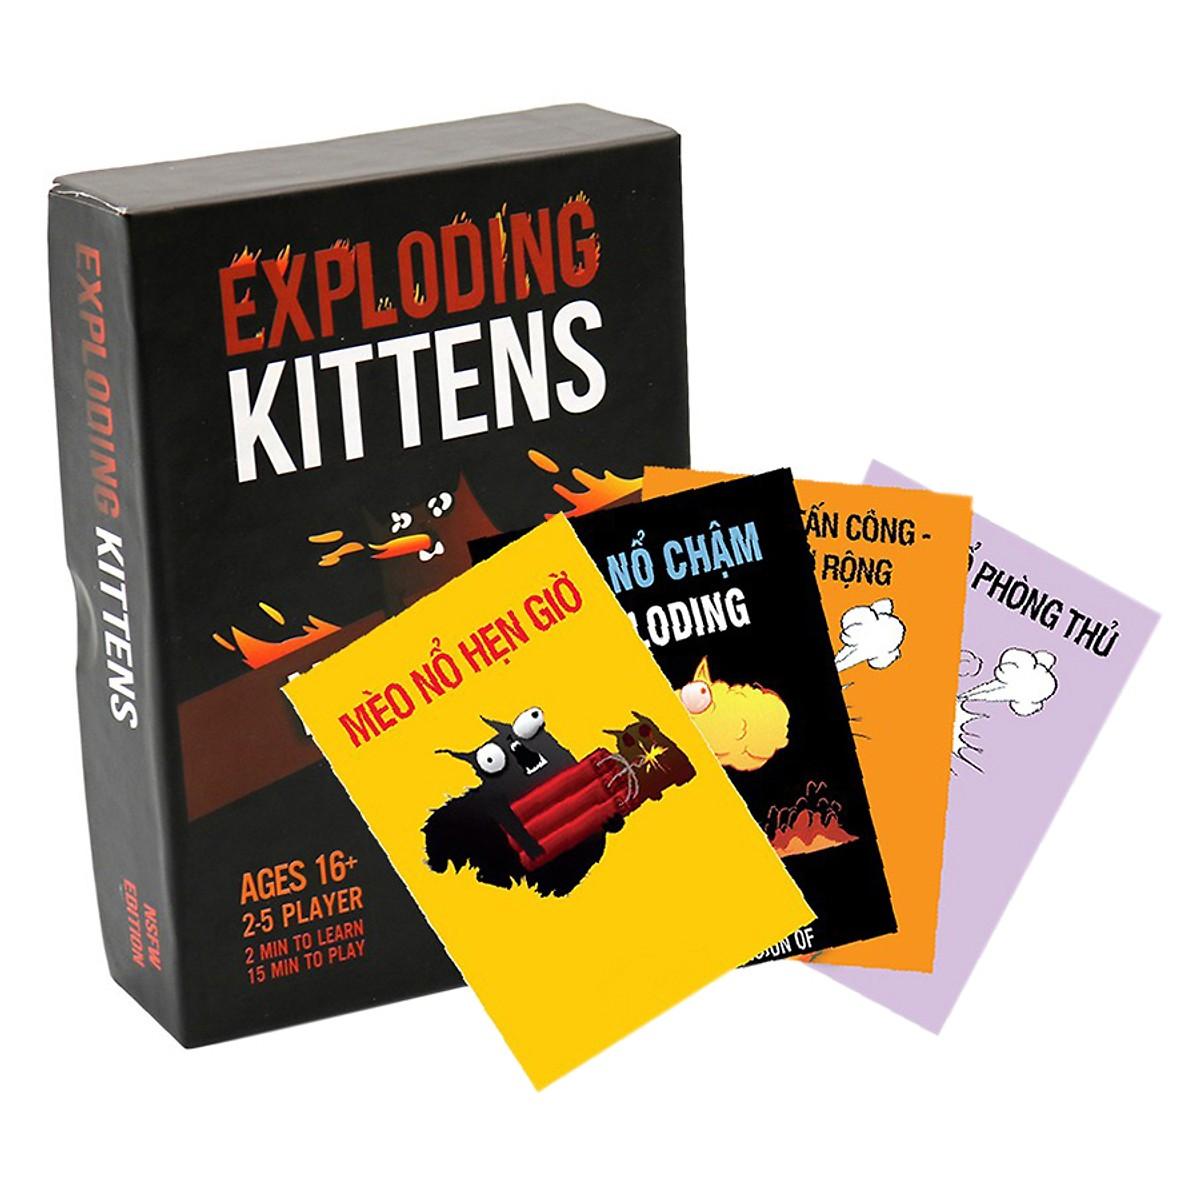 Set Mèo Nổ Tưng Bừng: Combo Mèo nổ + 4 Bản mở rộng (18+)